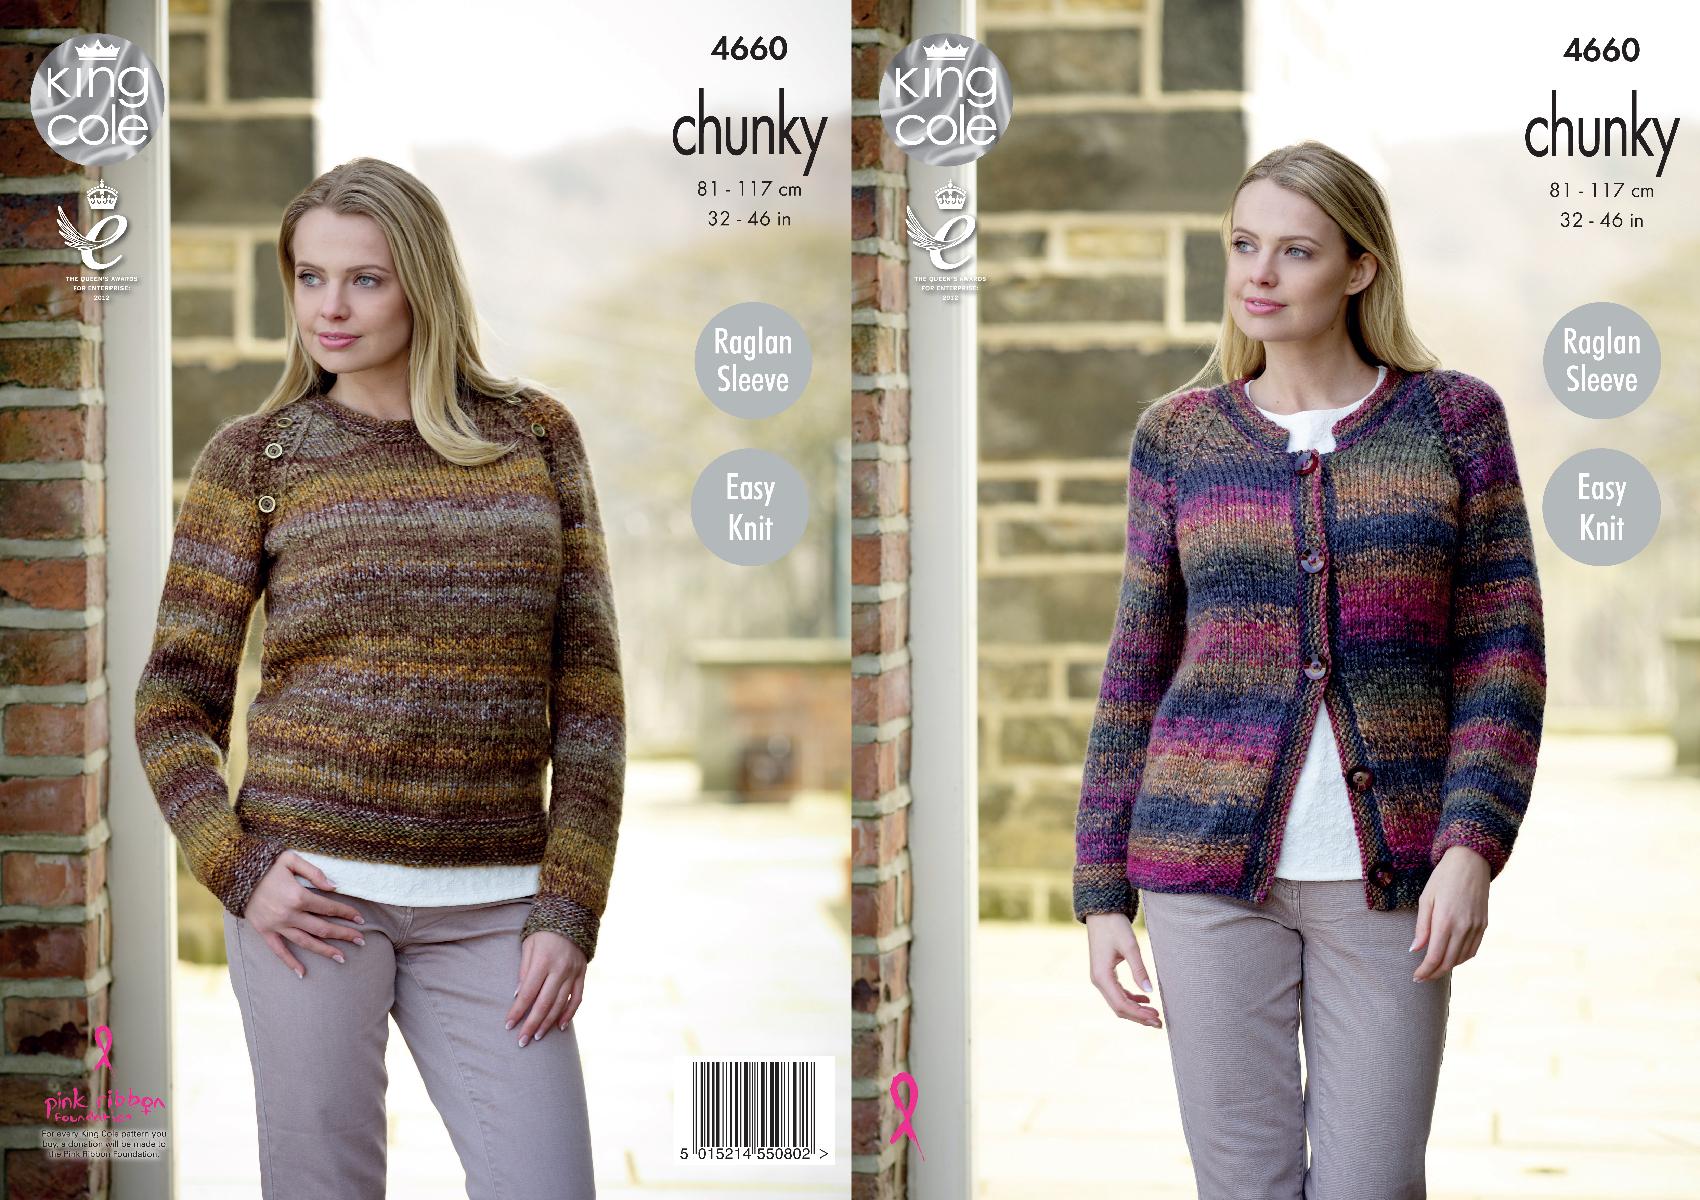 King Cole Ladies Cardigan Knitting Pattern : Easy Knit Raglan Sleeve Cardigan Sweater Knitting Pattern King Cole Ladies 46...